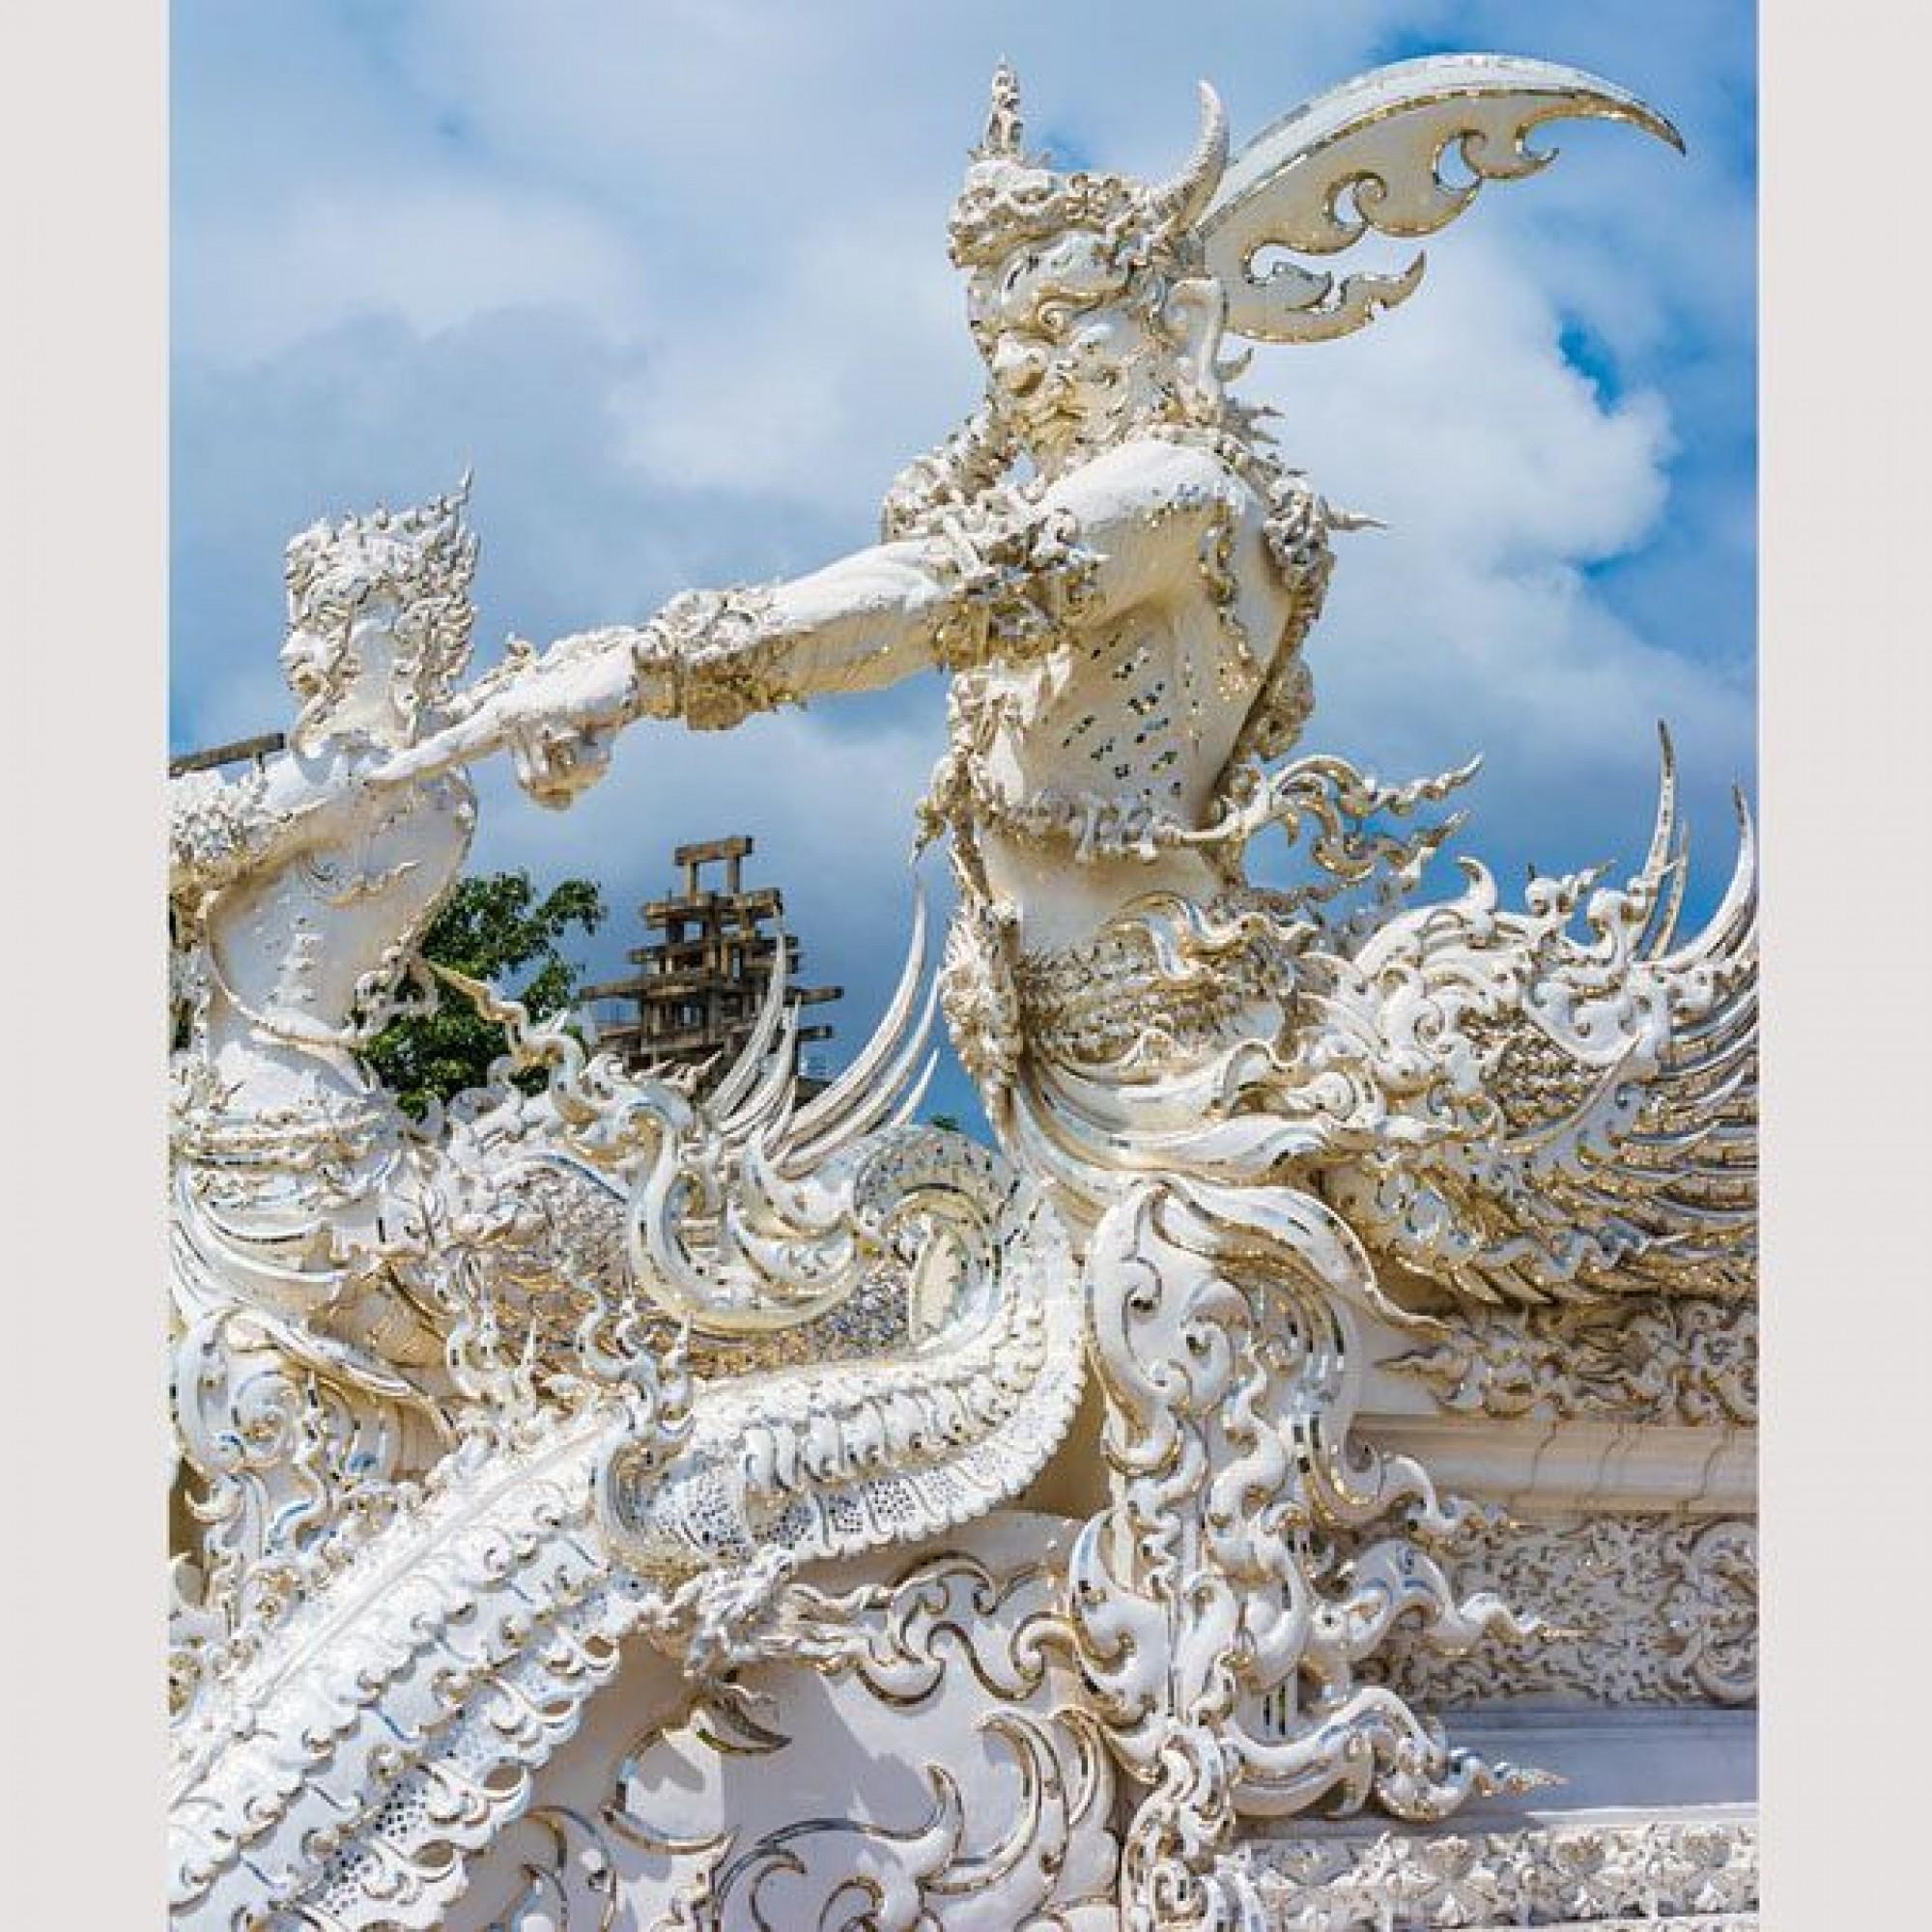 Vor dem Eingang zum Tempel steht ein riesiger Wächter.